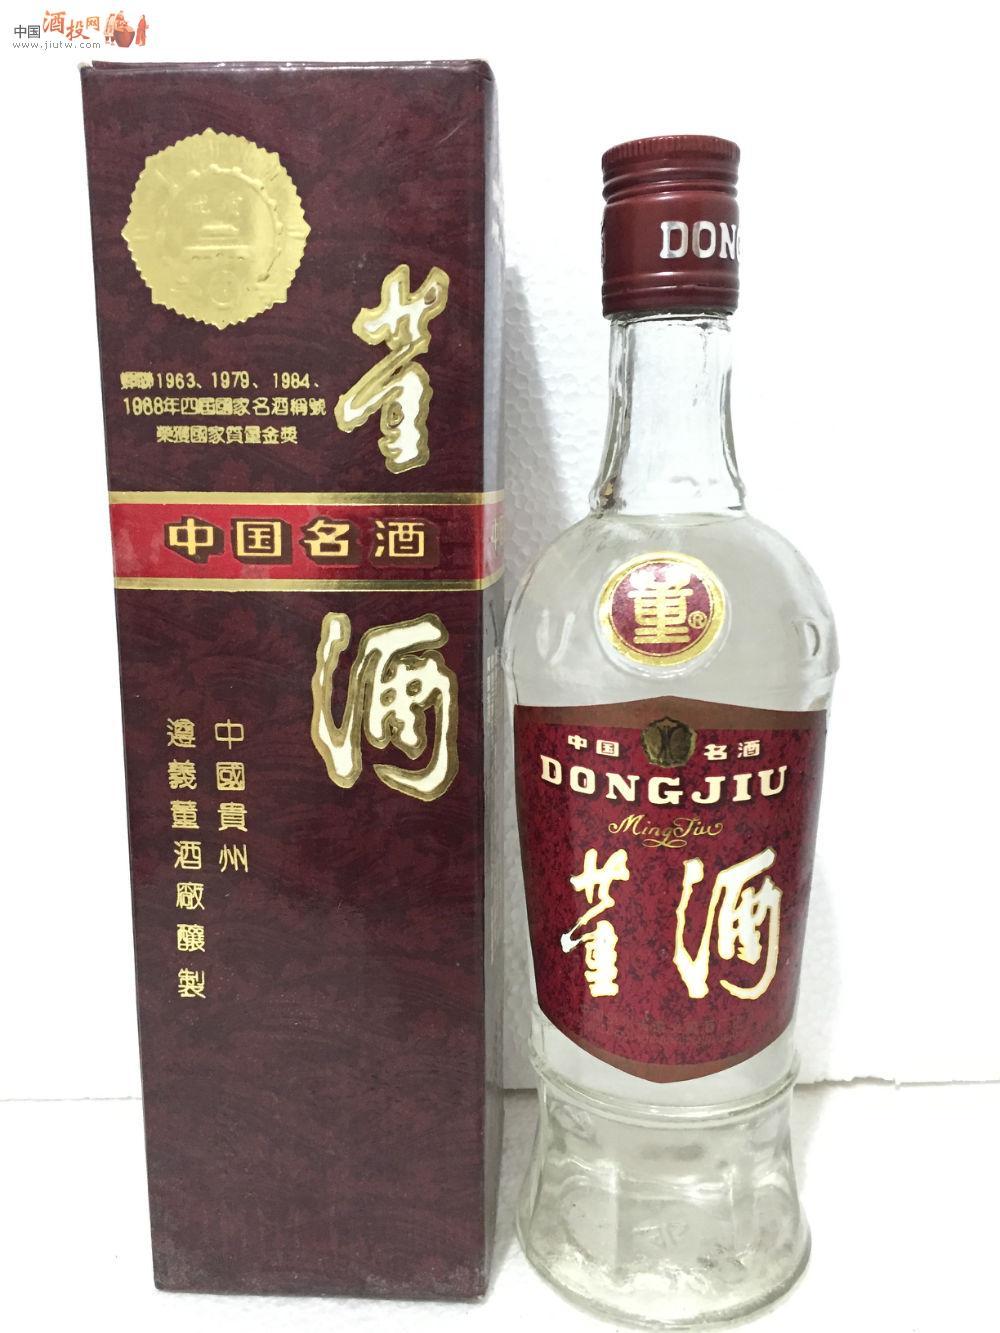 董酒价格表和图片_***中国名酒 老八大*** 1991年董酒 (收藏级) 价格表 中国酒投网 ...